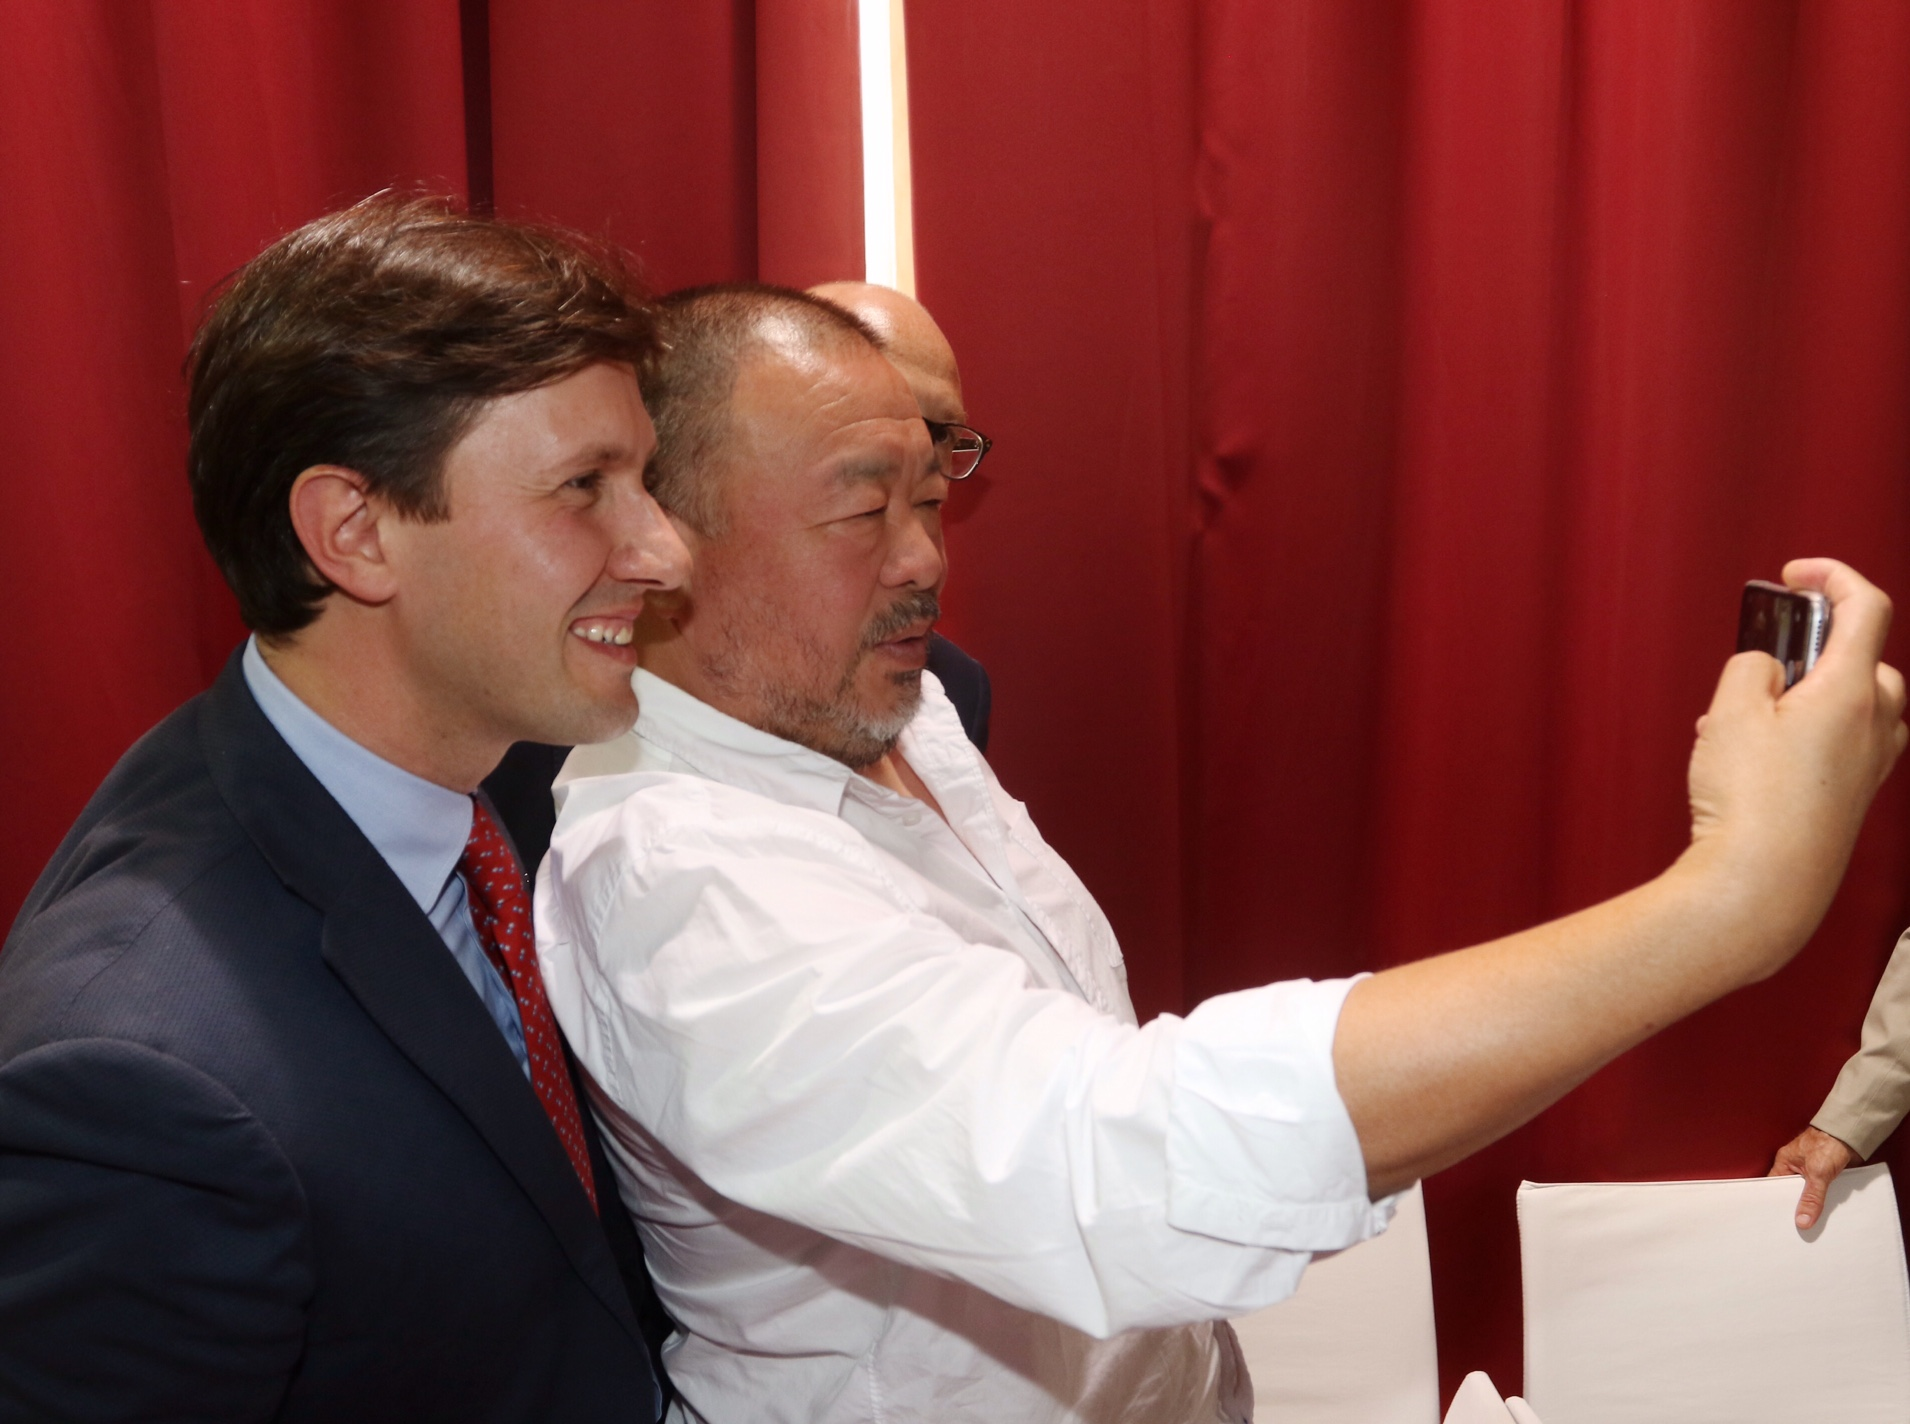 Con l'artista Ai Weiwei a Palazzo Strozzi